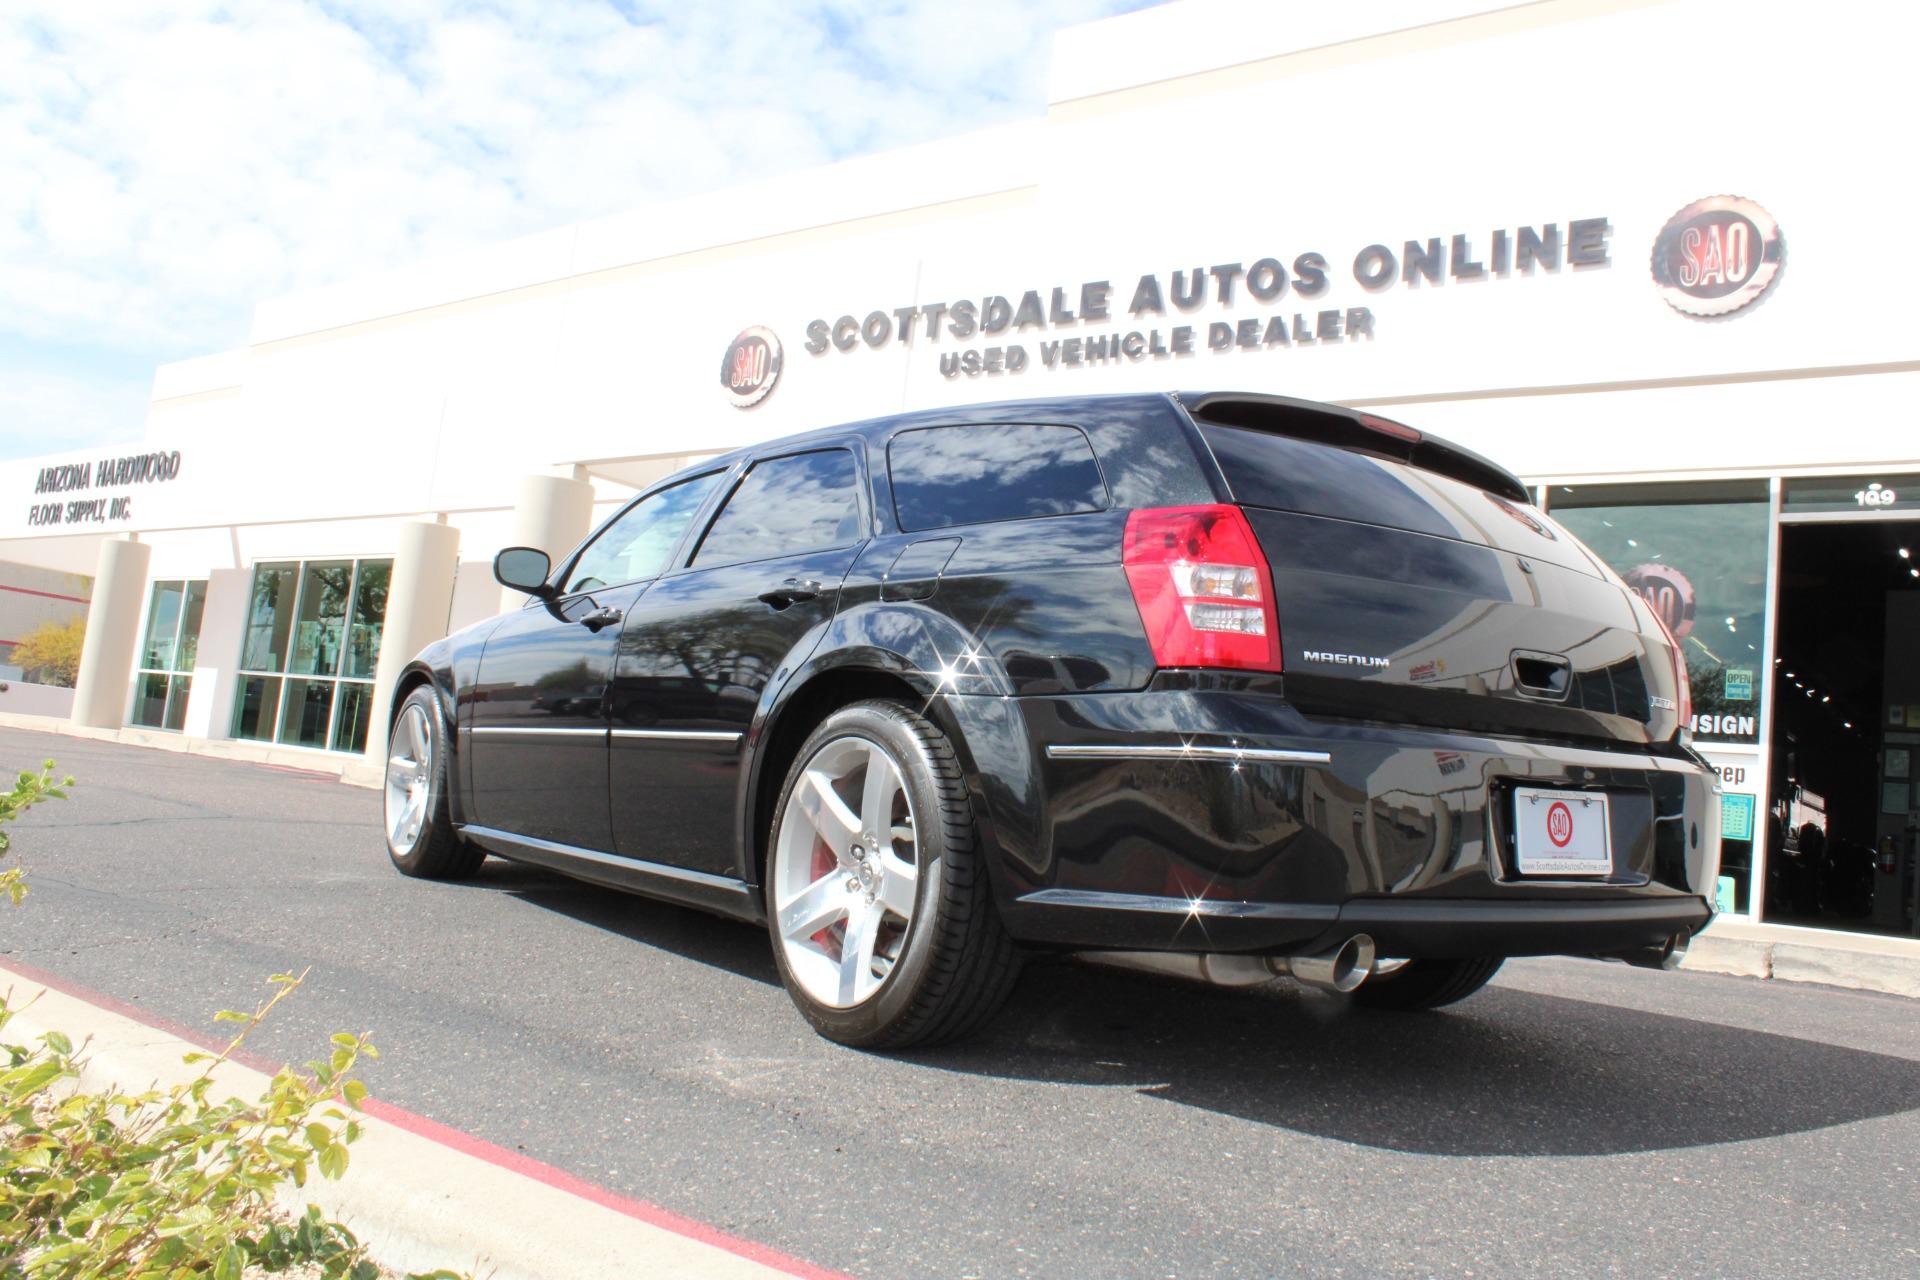 Used-2006-Dodge-Magnum-SRT8-LS430